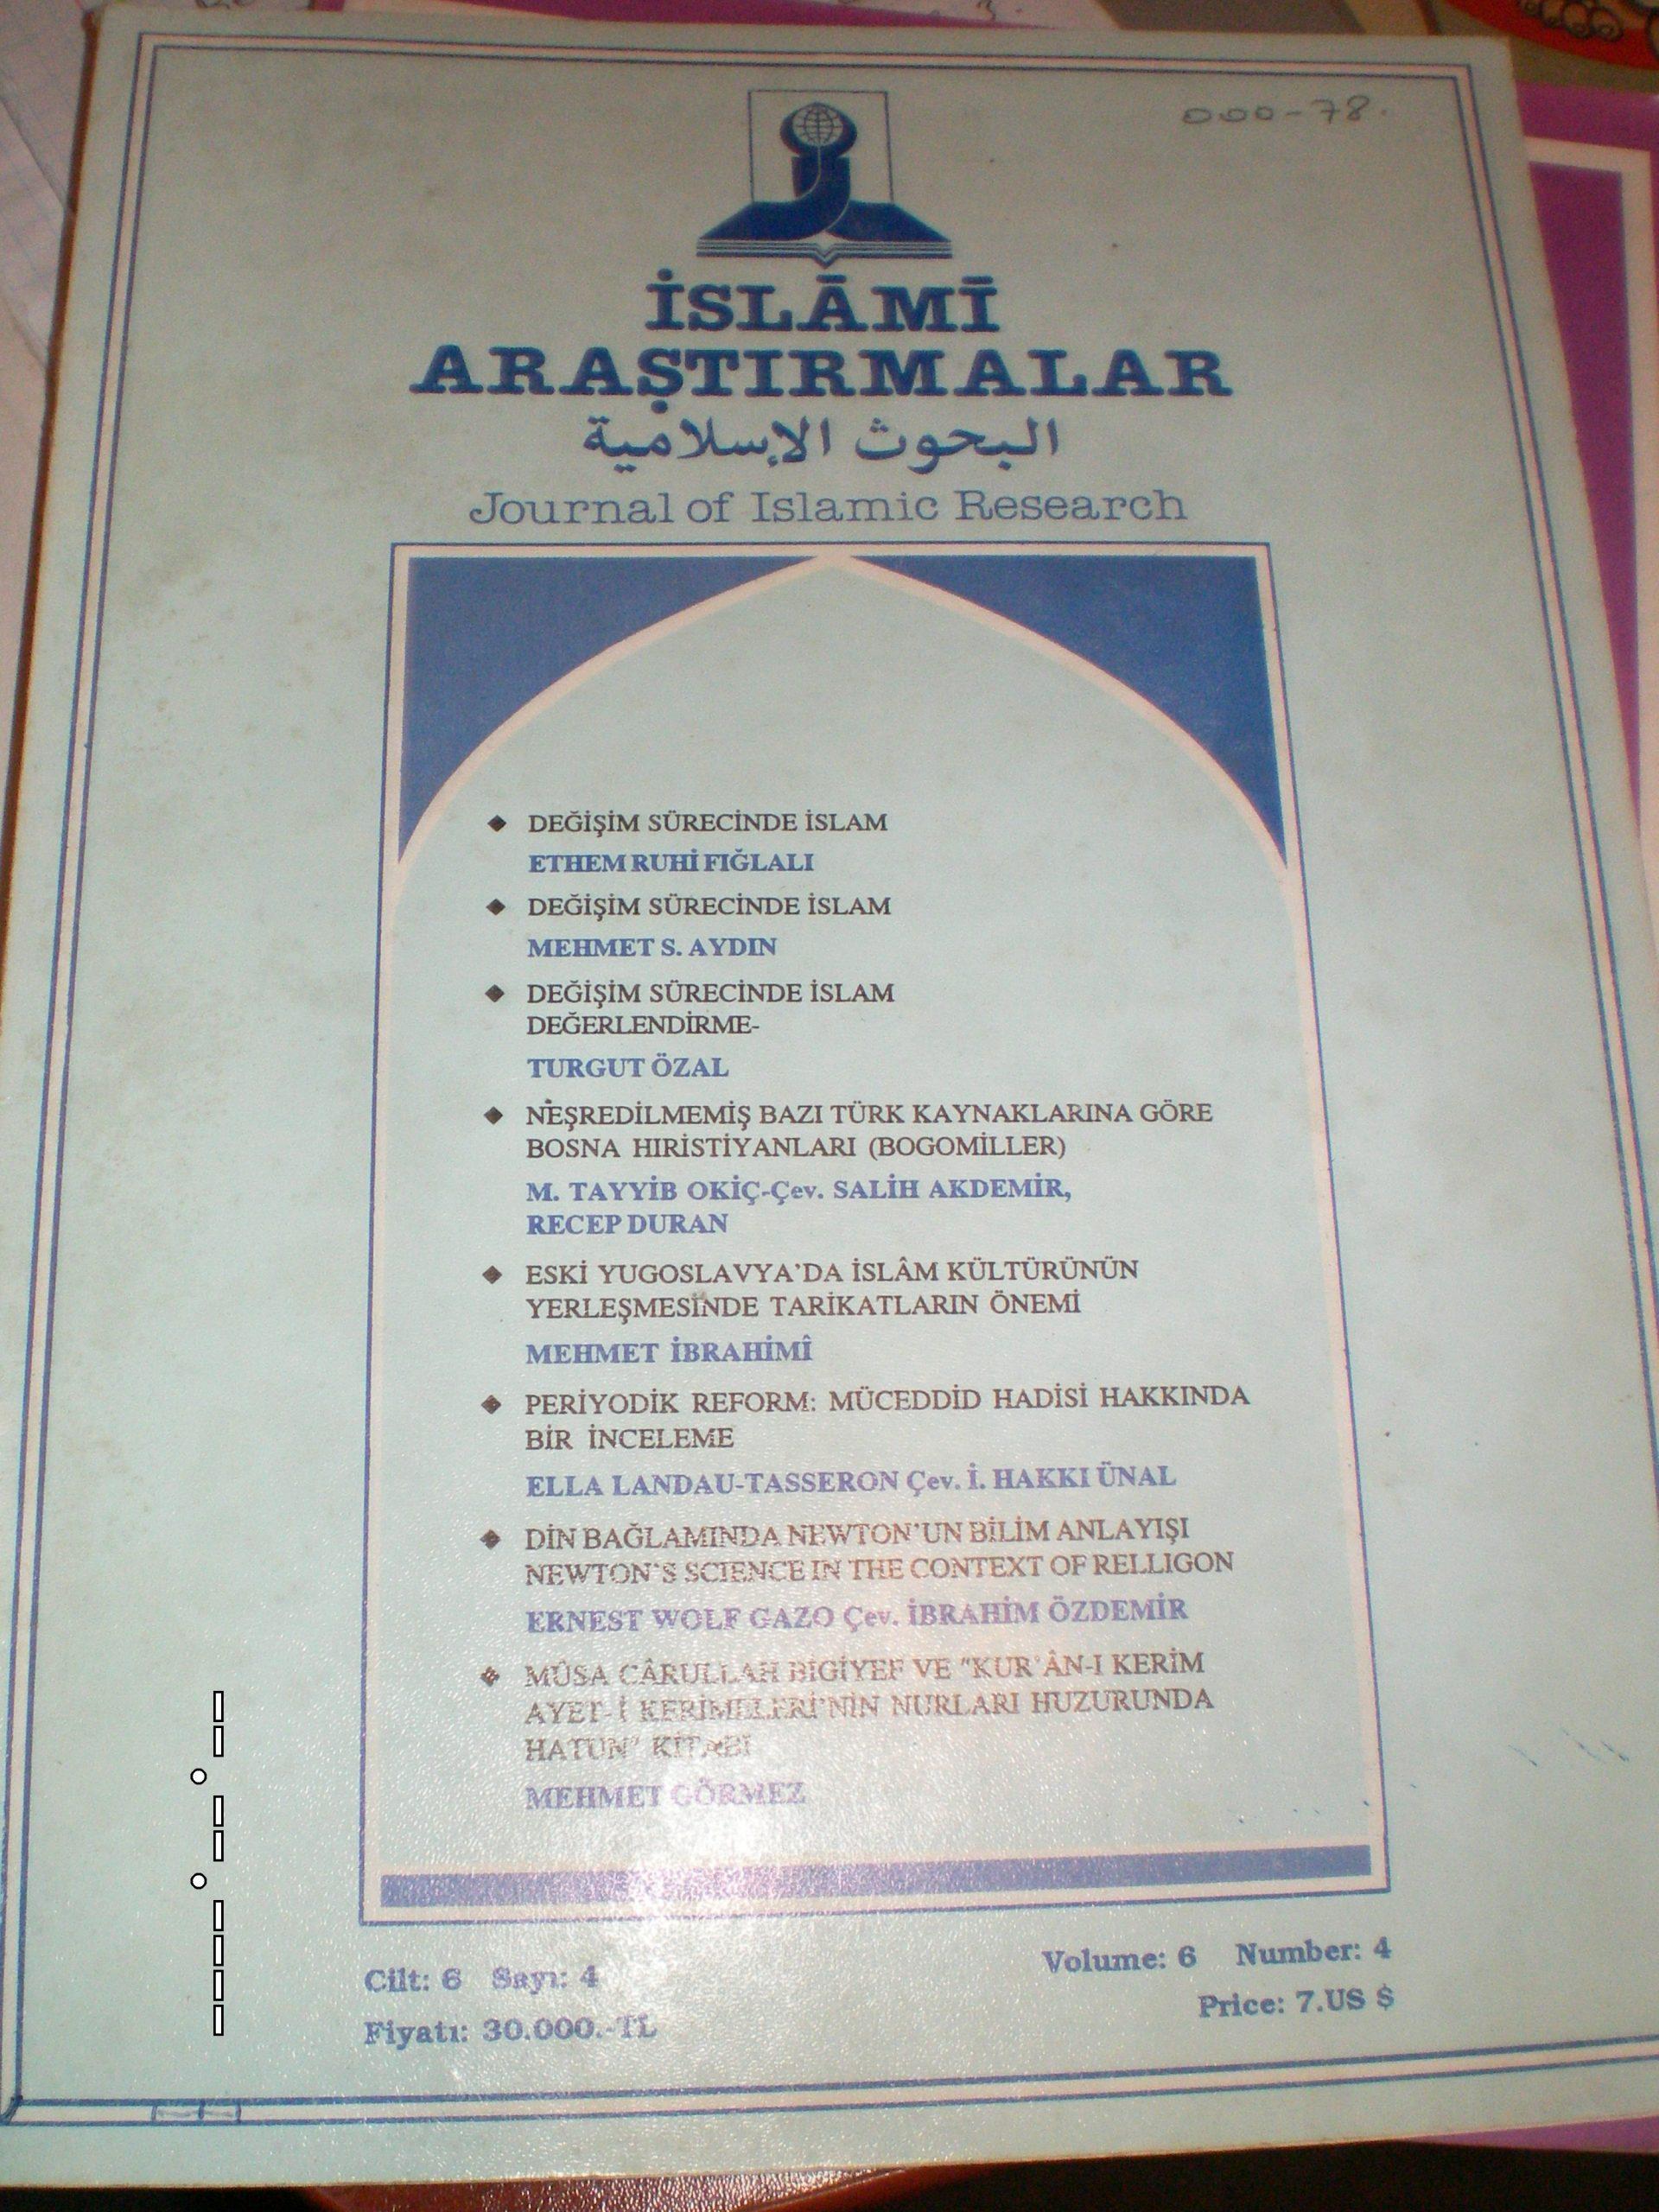 İSLAMİ ARAŞTIRMALAR DERGİSİ-4 adet/20 tl